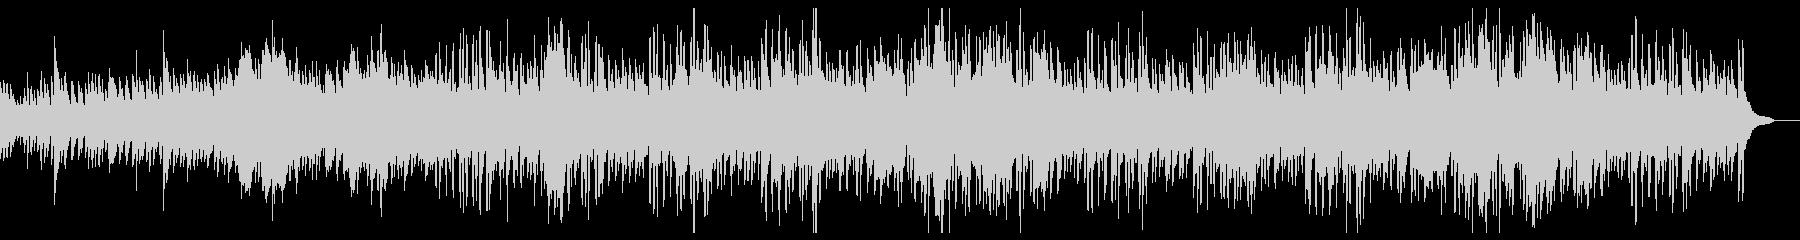 ピアニカのメロディーのほのぼのとした曲調の未再生の波形